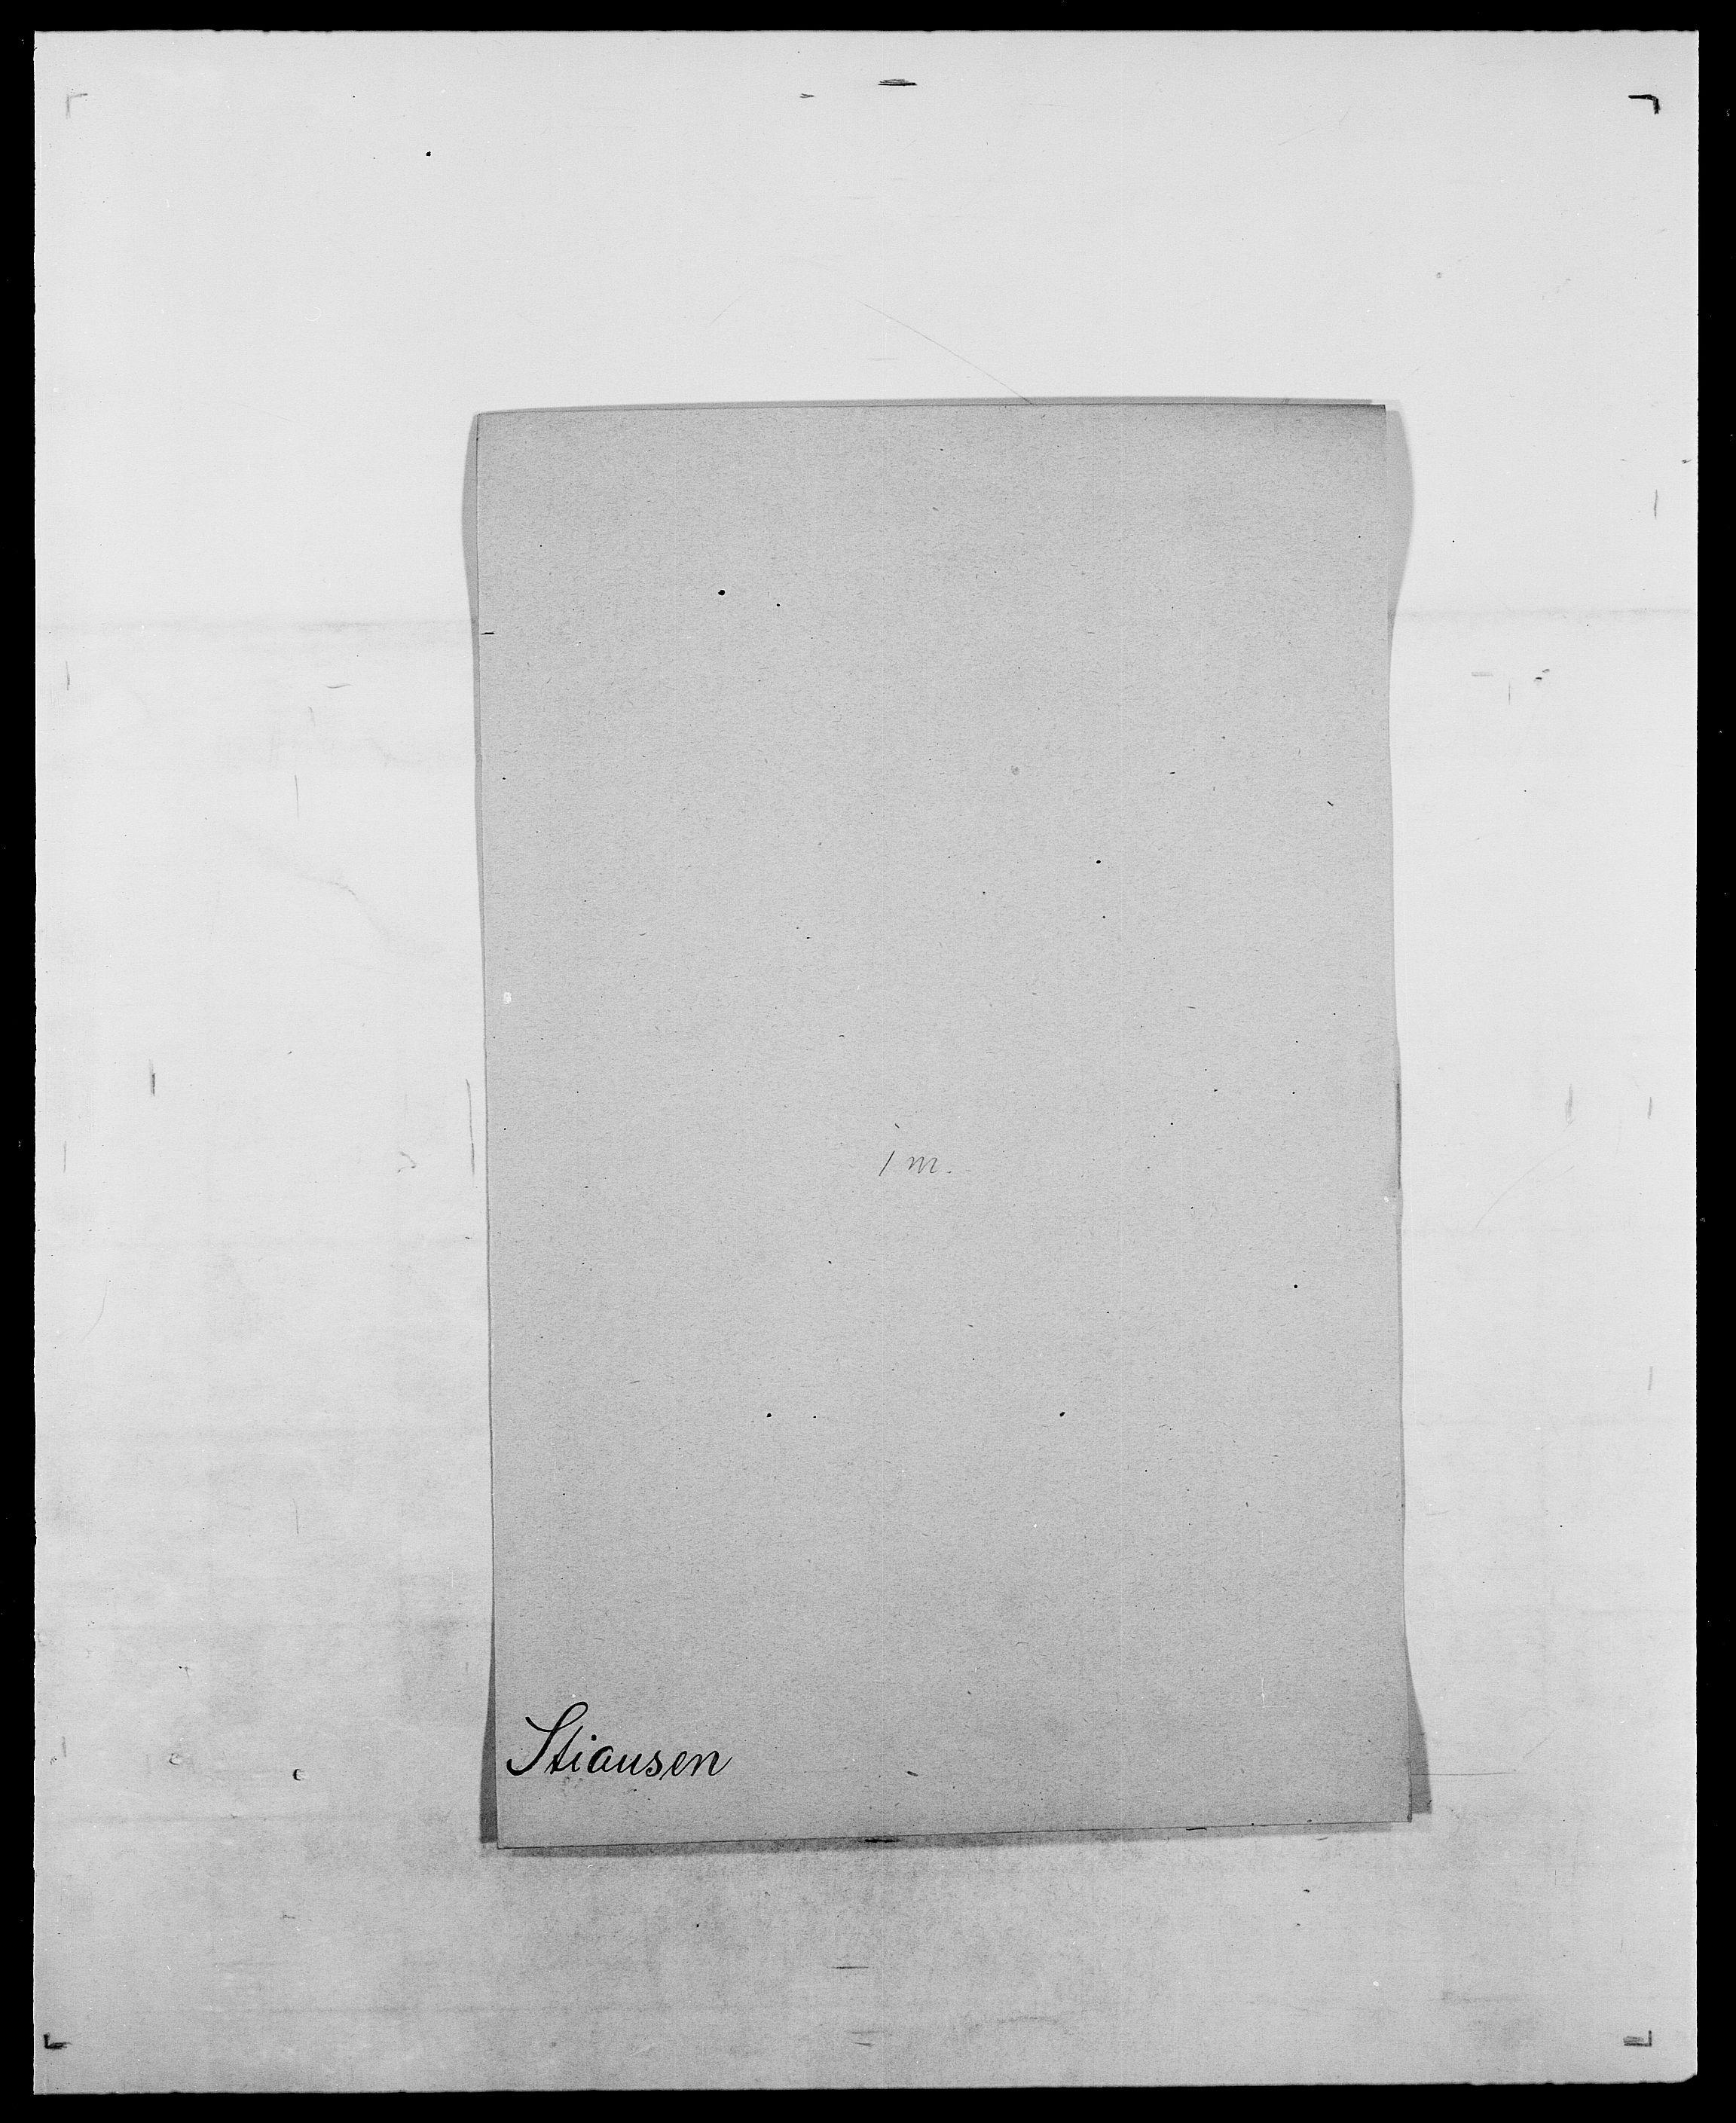 SAO, Delgobe, Charles Antoine - samling, D/Da/L0037: Steen, Sthen, Stein - Svare, Svanige, Svanne, se også Svanning og Schwane, s. 366